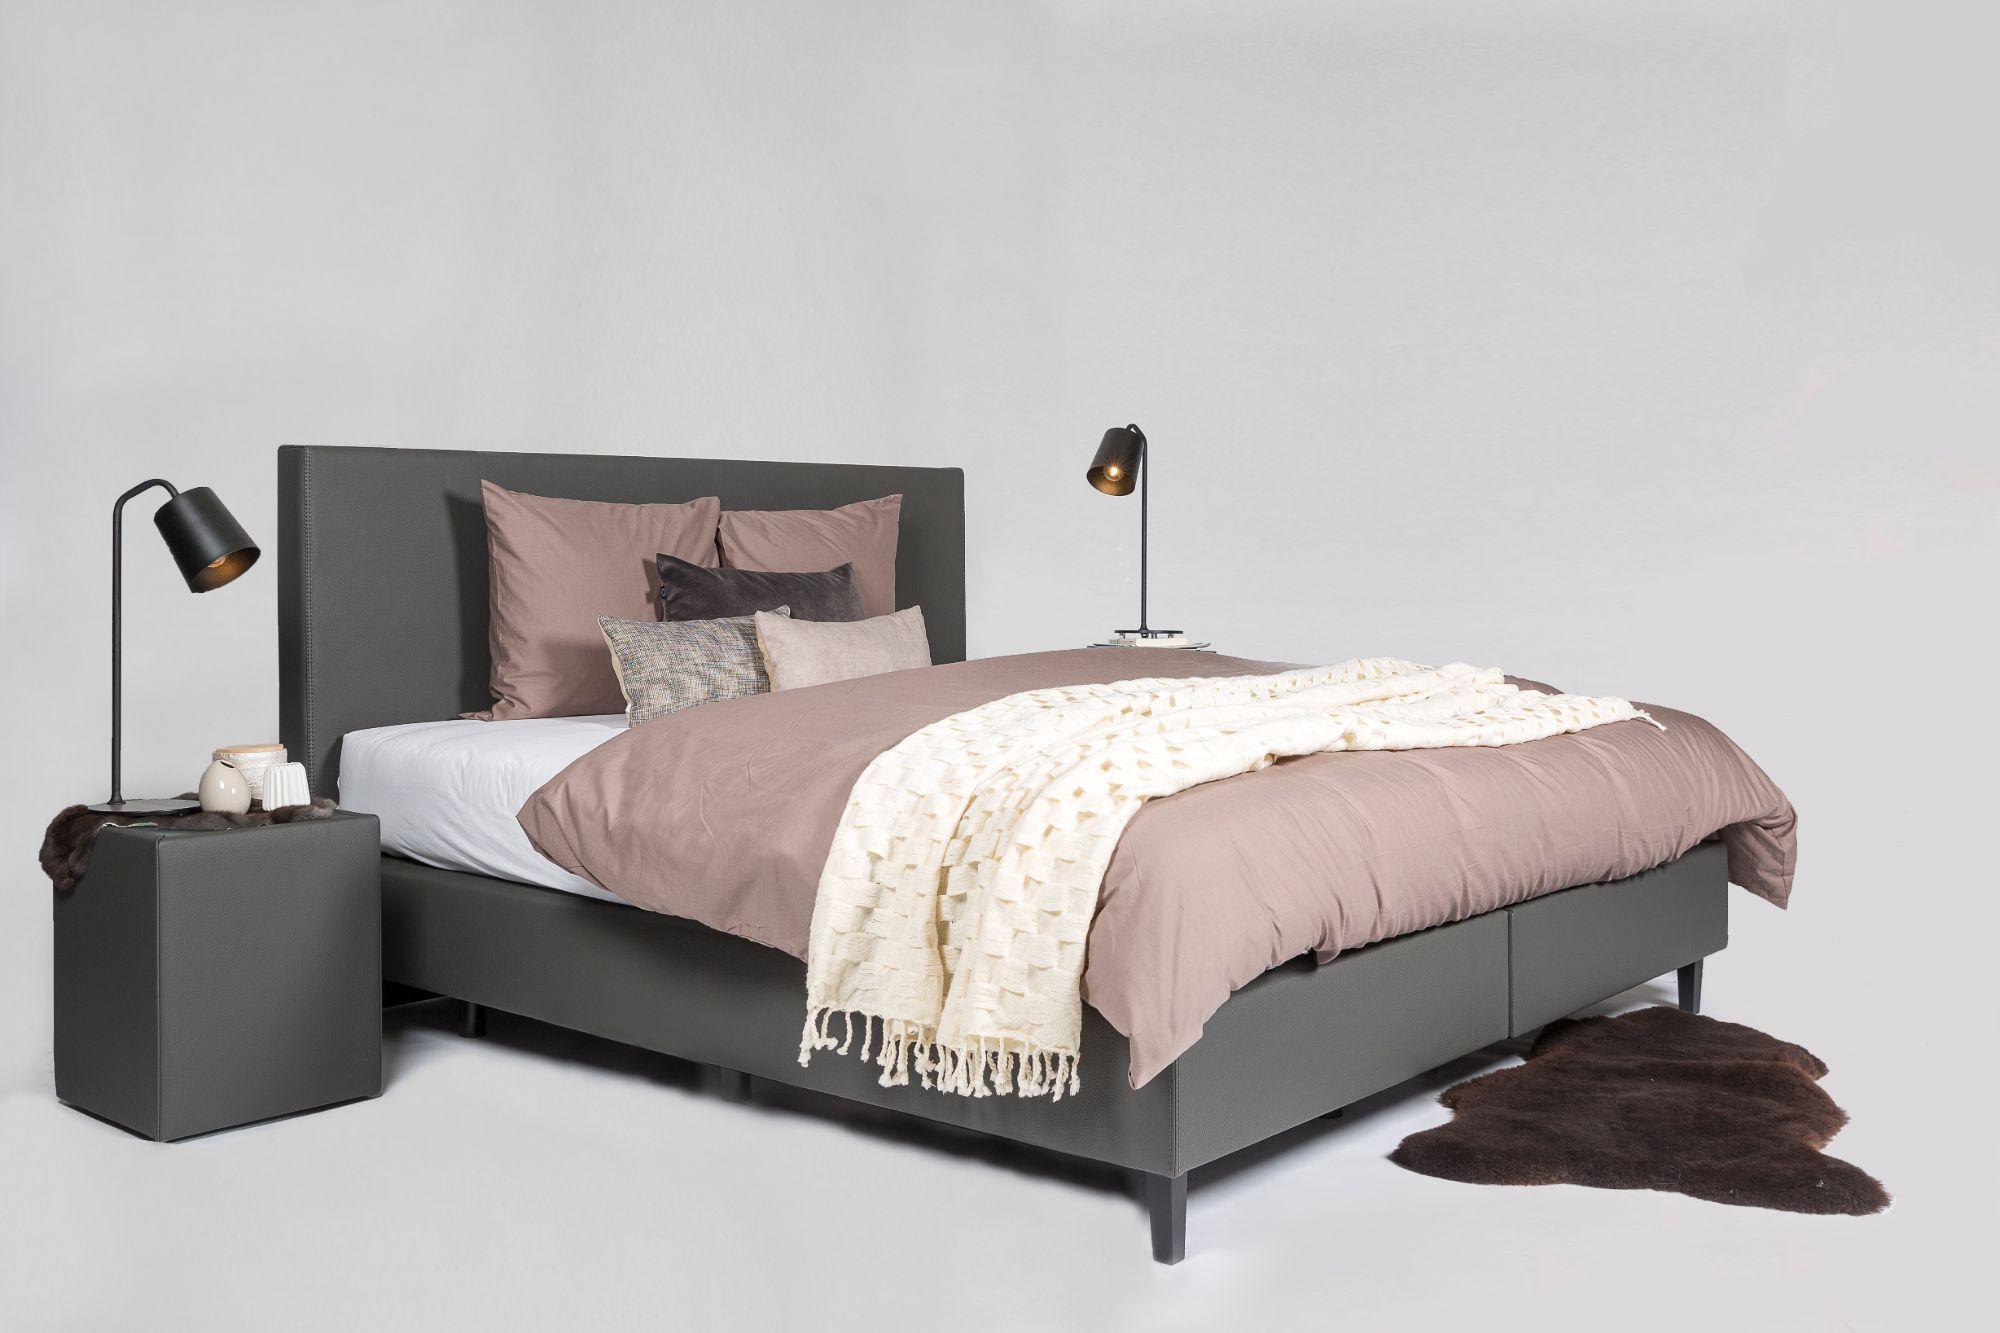 Blub bed